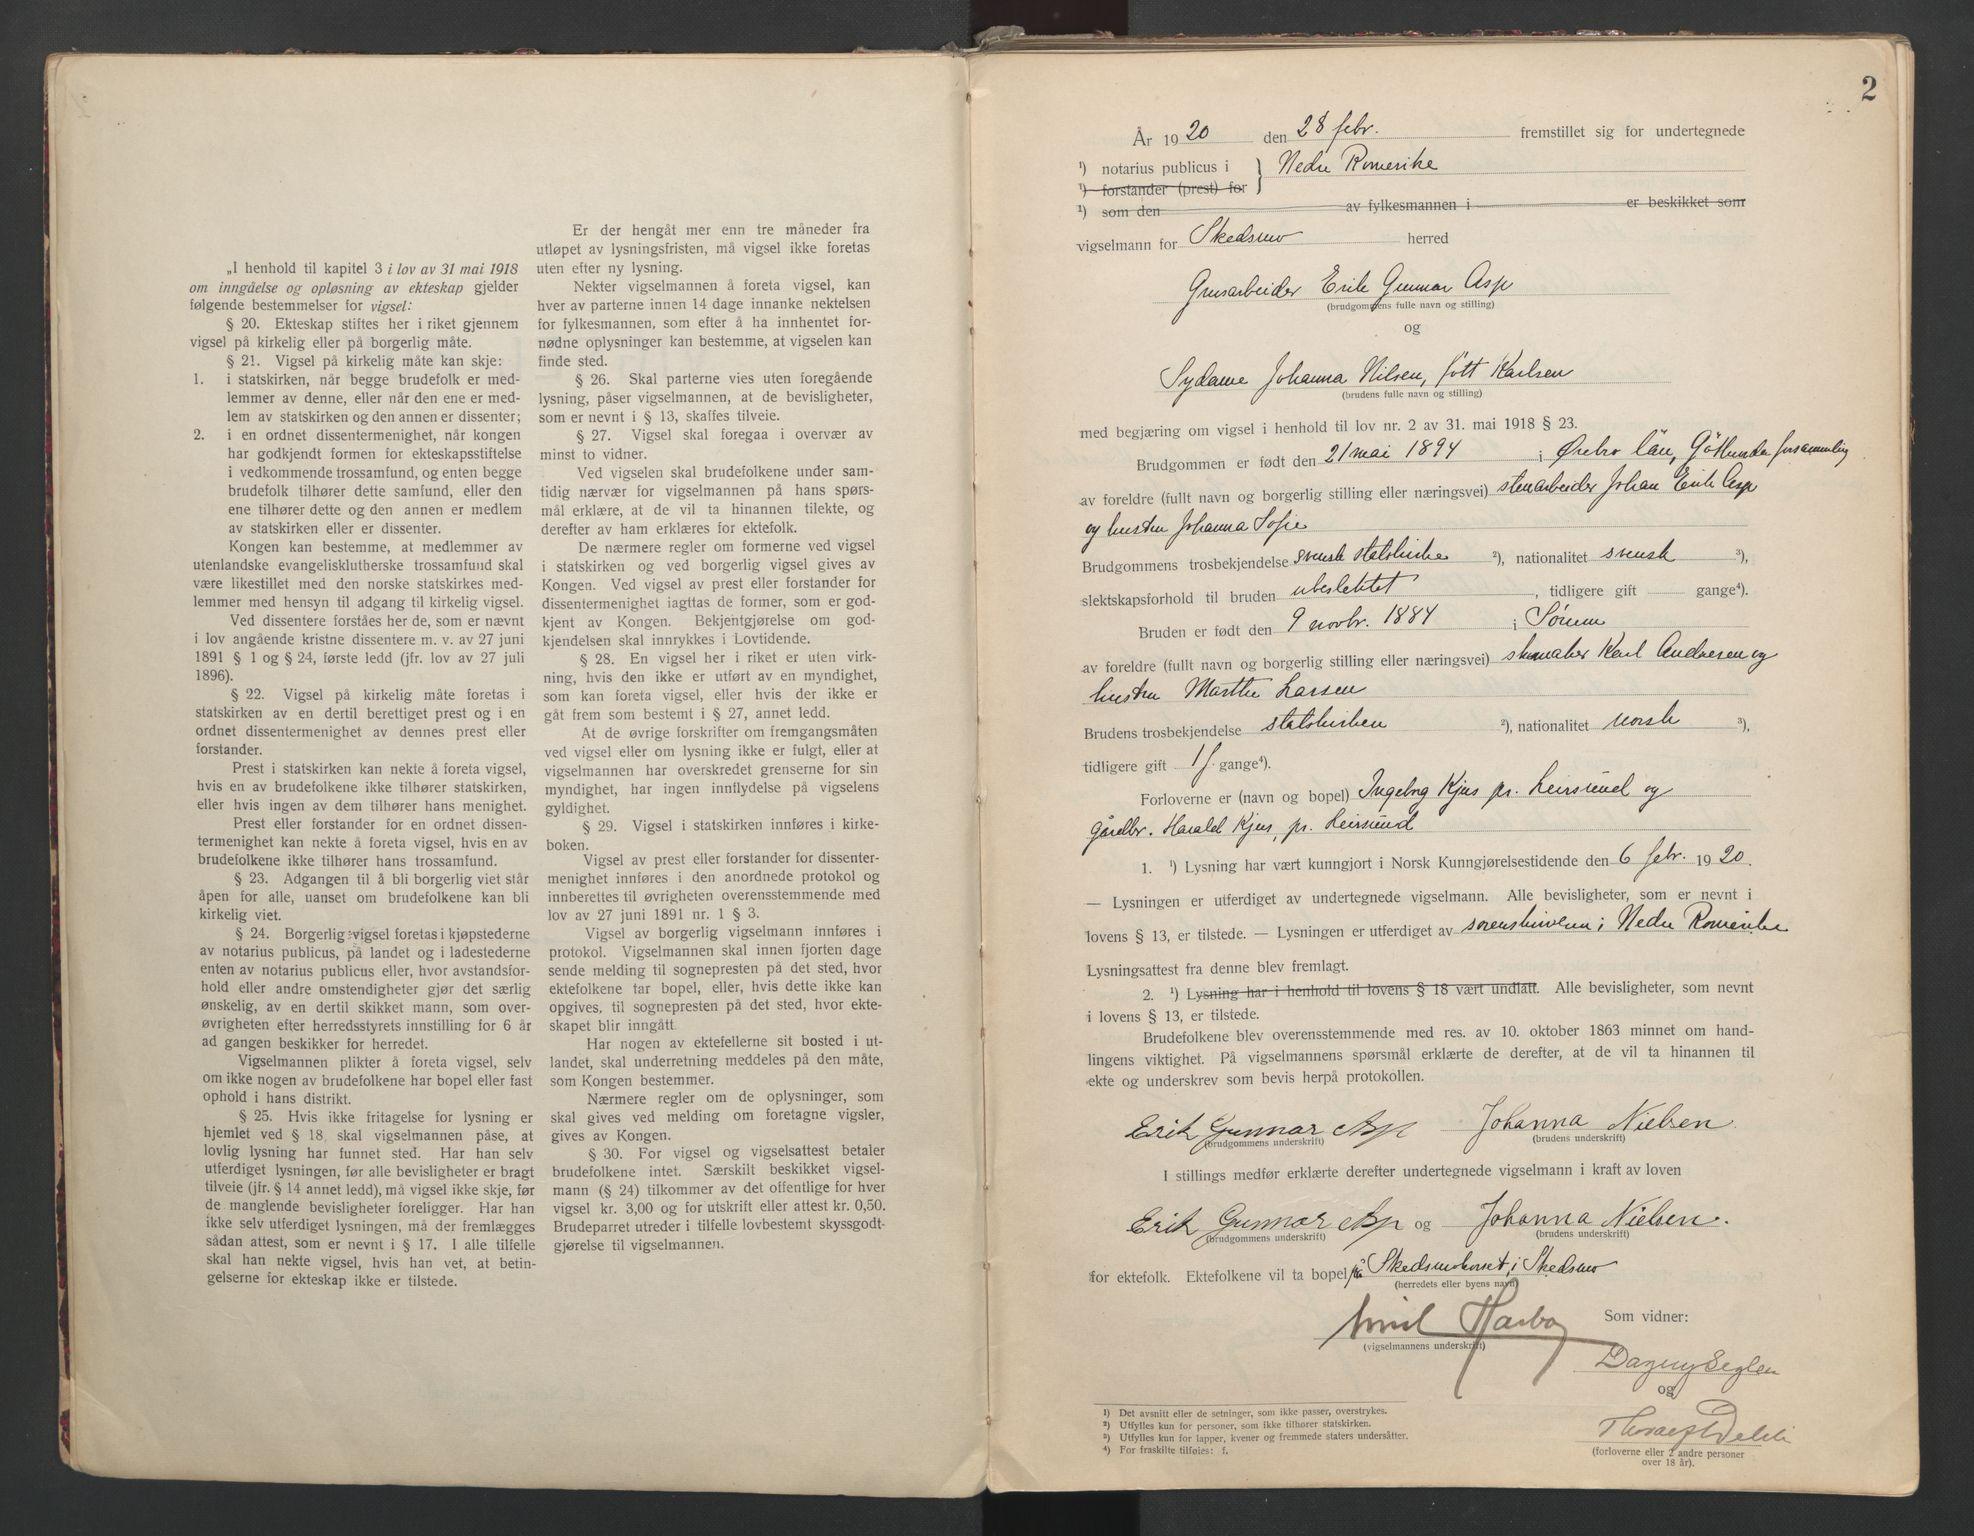 SAO, Nedre Romerike sorenskriveri, L/Lb/L0001: Vigselsbok - borgerlige vielser, 1920-1935, s. 2